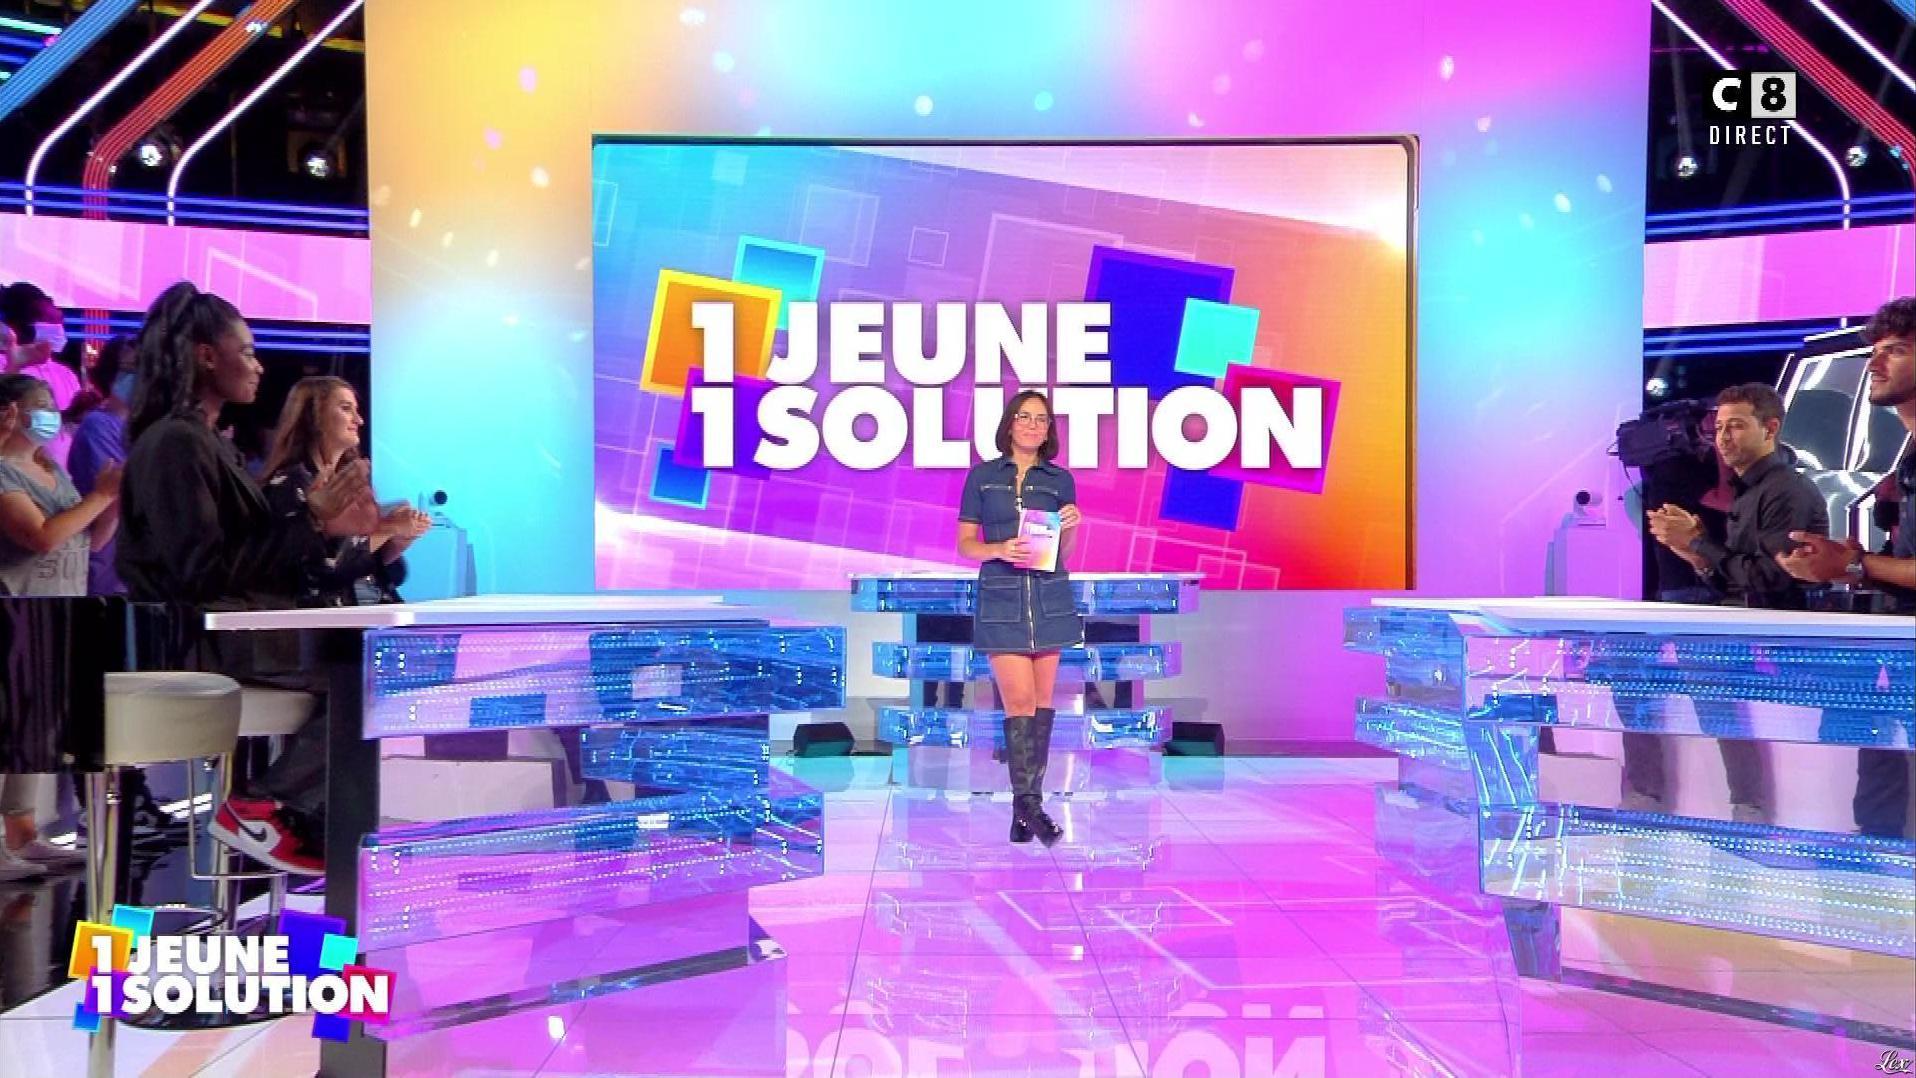 Agathe Auproux dans 1 Jeune 1 Solution. Diffusé à la télévision le 10/09/21.